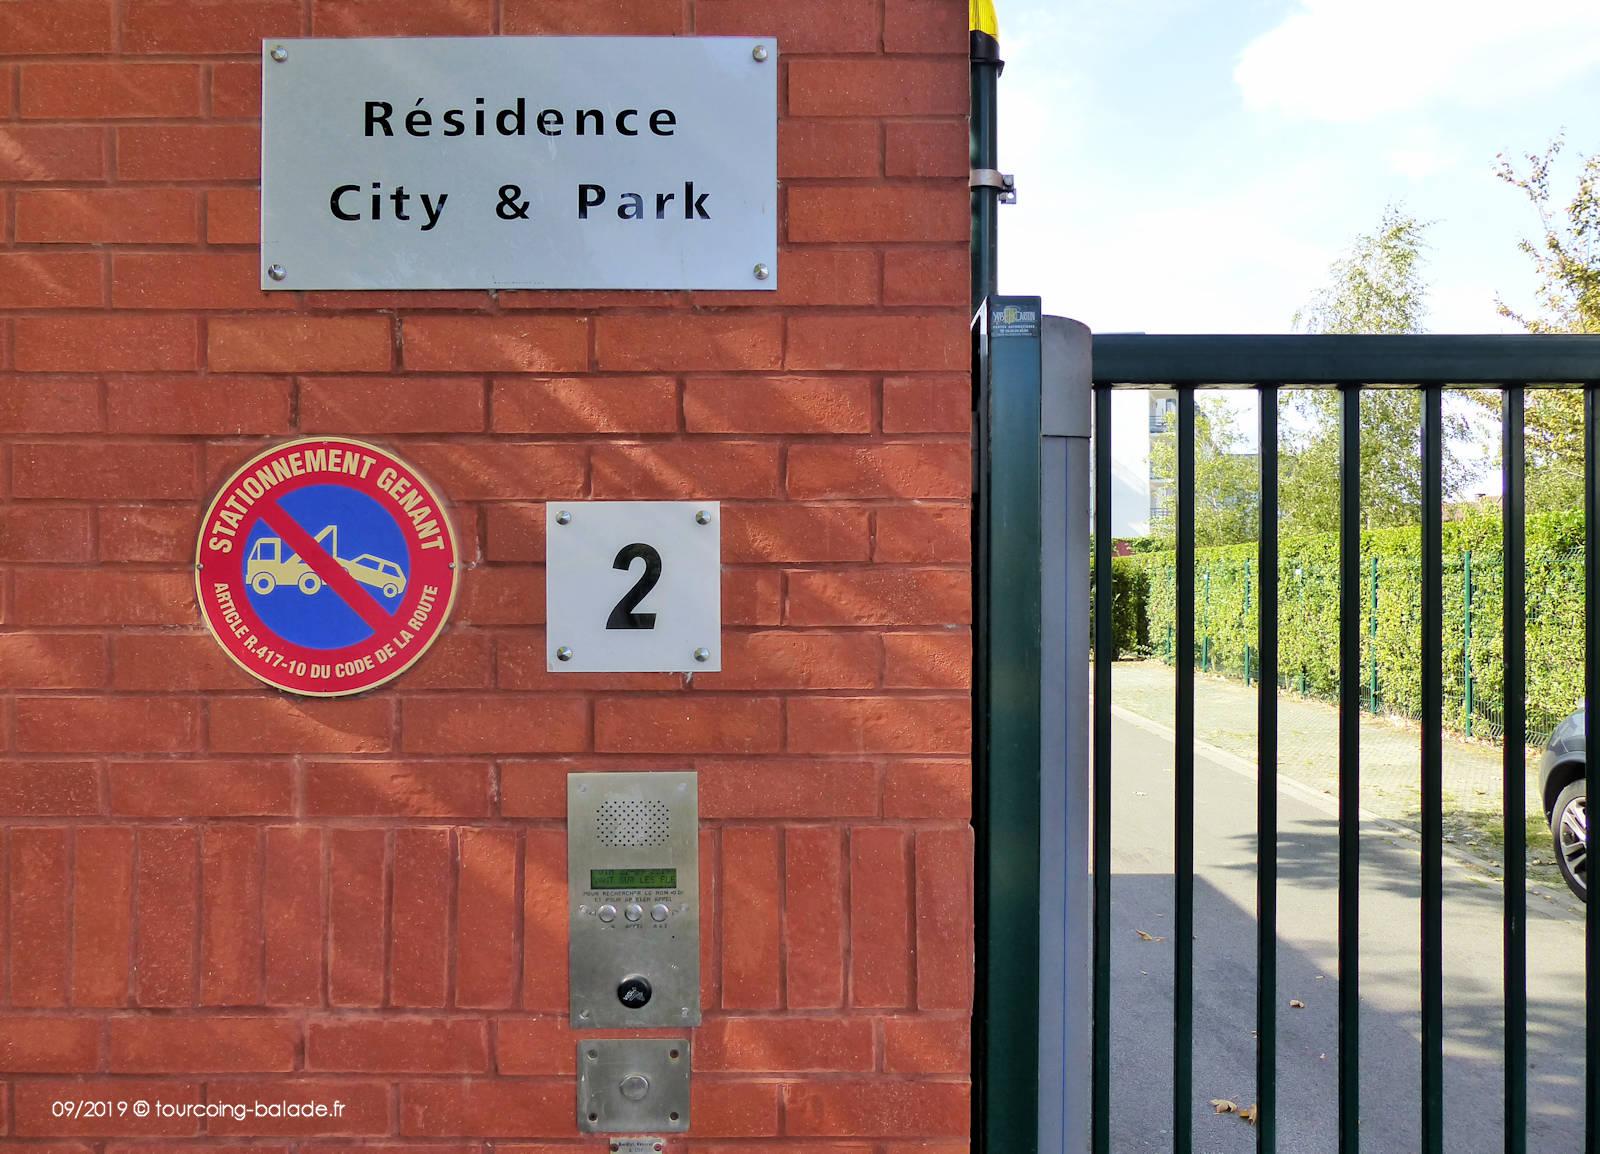 Résidence City & Park, 2 Quai de Cherbourg - Portail